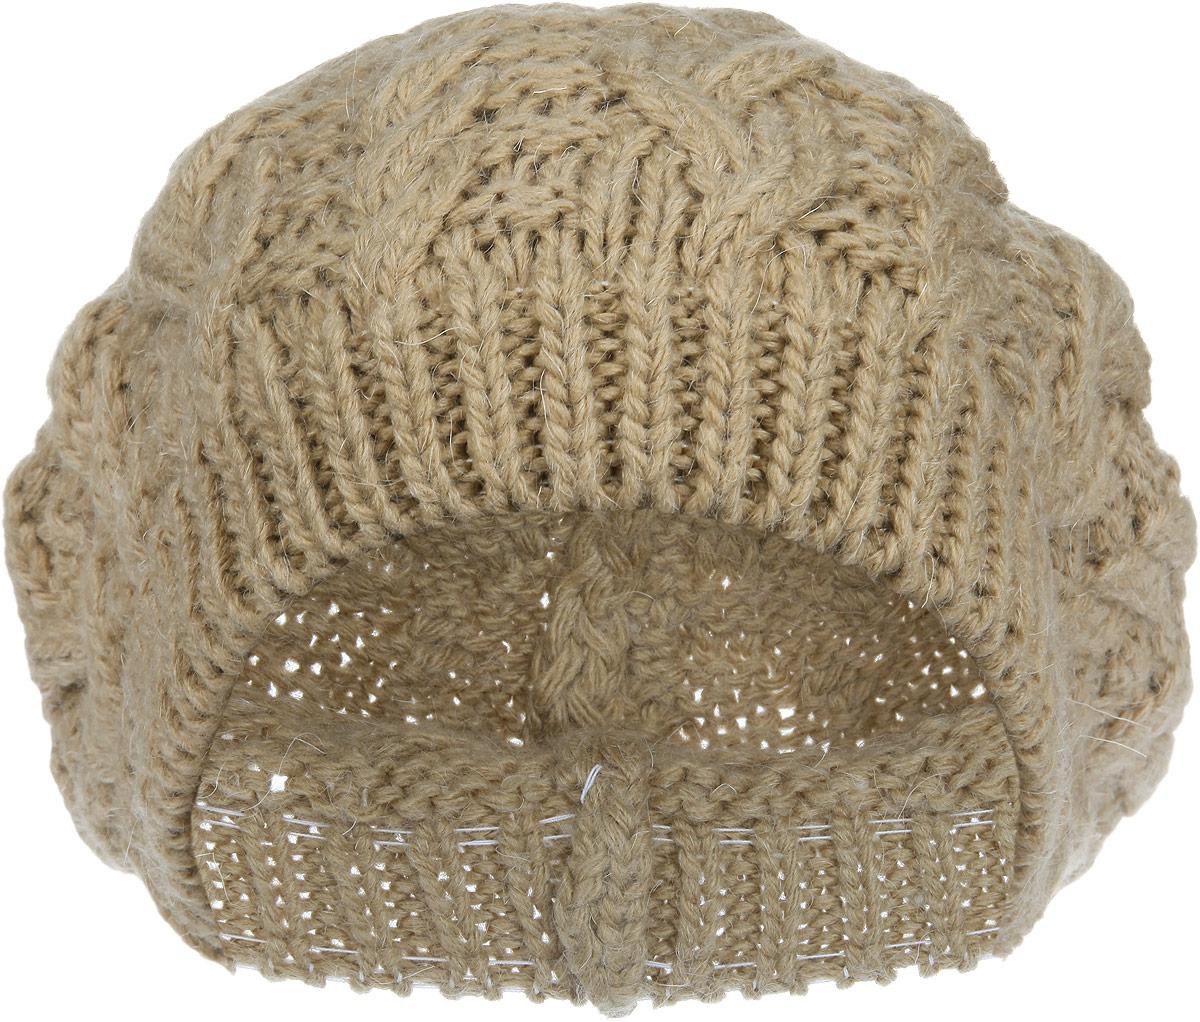 Берет женский. 1-0091-009_006мЖенский вязаный берет Flioraj дополнит ваш образ в холодную погоду. Модель выполнена из высококачественной шерсти в сочетании с акрилом, приятная на ощупь, максимально сохраняет тепло. Берет идеально прилегает к голове, благодаря вязаной эластичной резинке по краю. Оформлено изделие крупным вязаным узором. Такой теплый аксессуар подчеркнет вашу индивидуальность и станет стильным дополнением к гардеробу! Уважаемые клиенты! Размер, доступный для заказа, является обхватом головы.